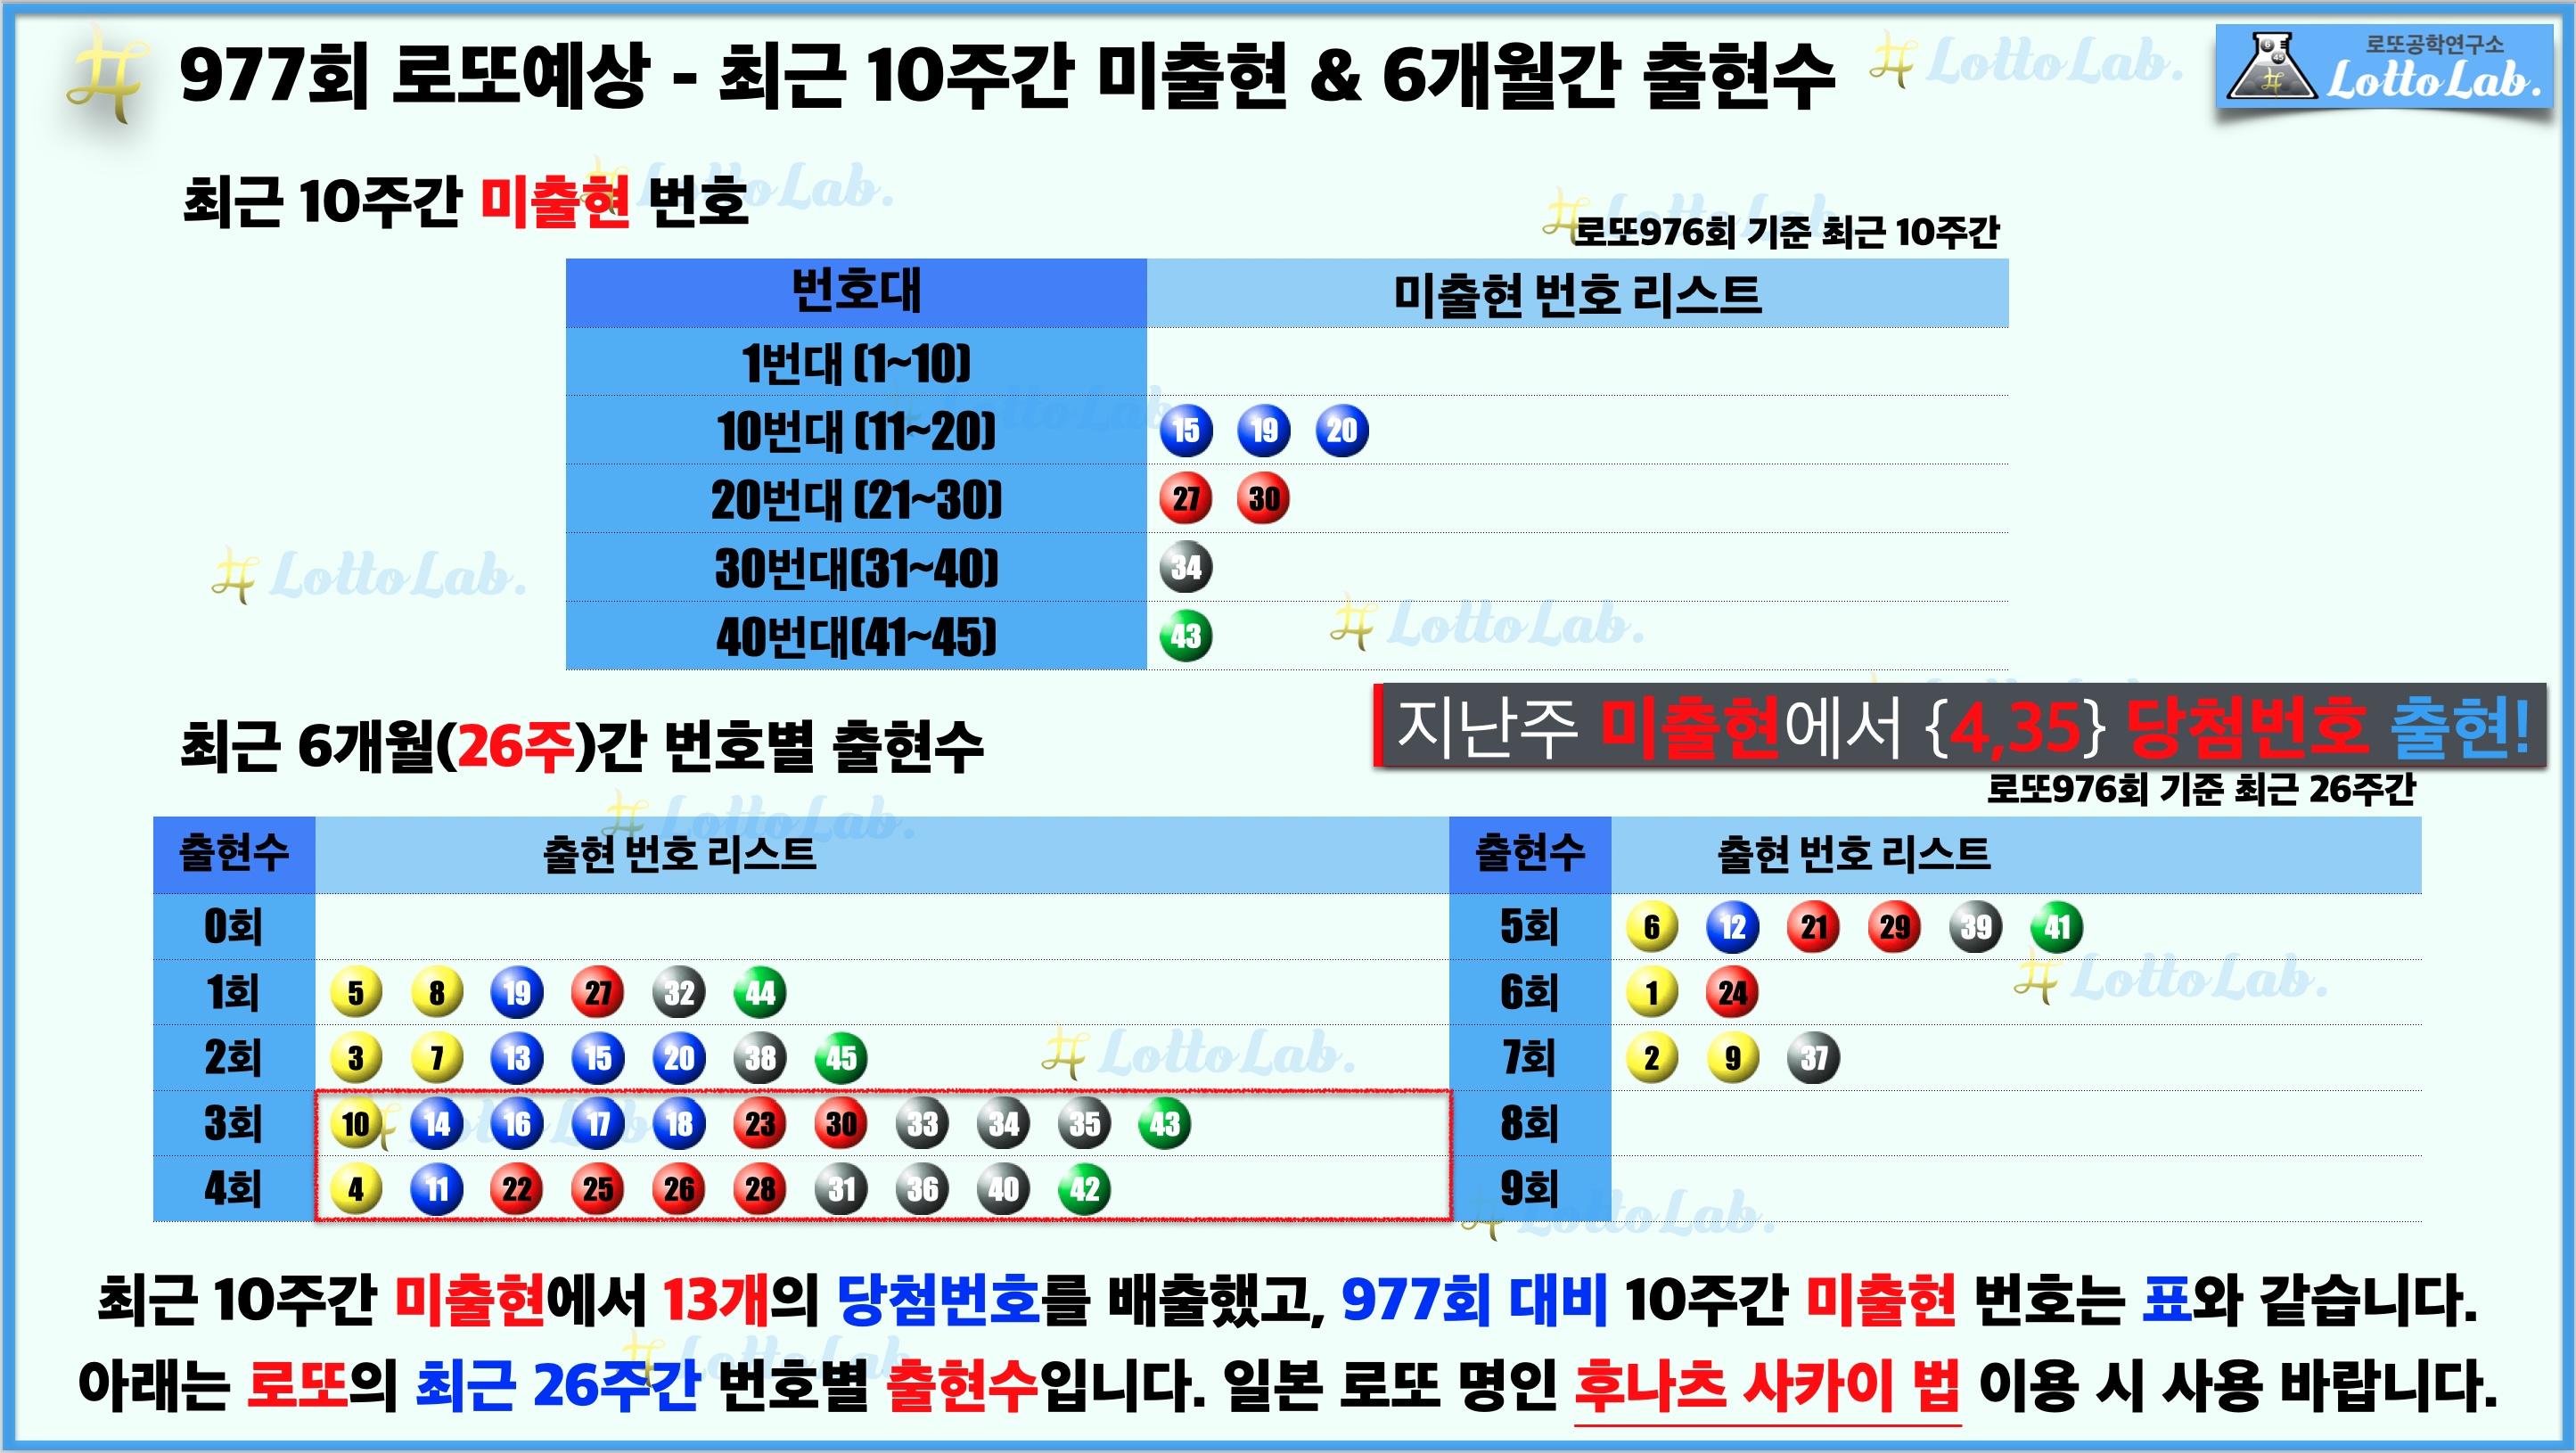 로또랩 로또977 당첨 번호 예상 - 미출현 출현수